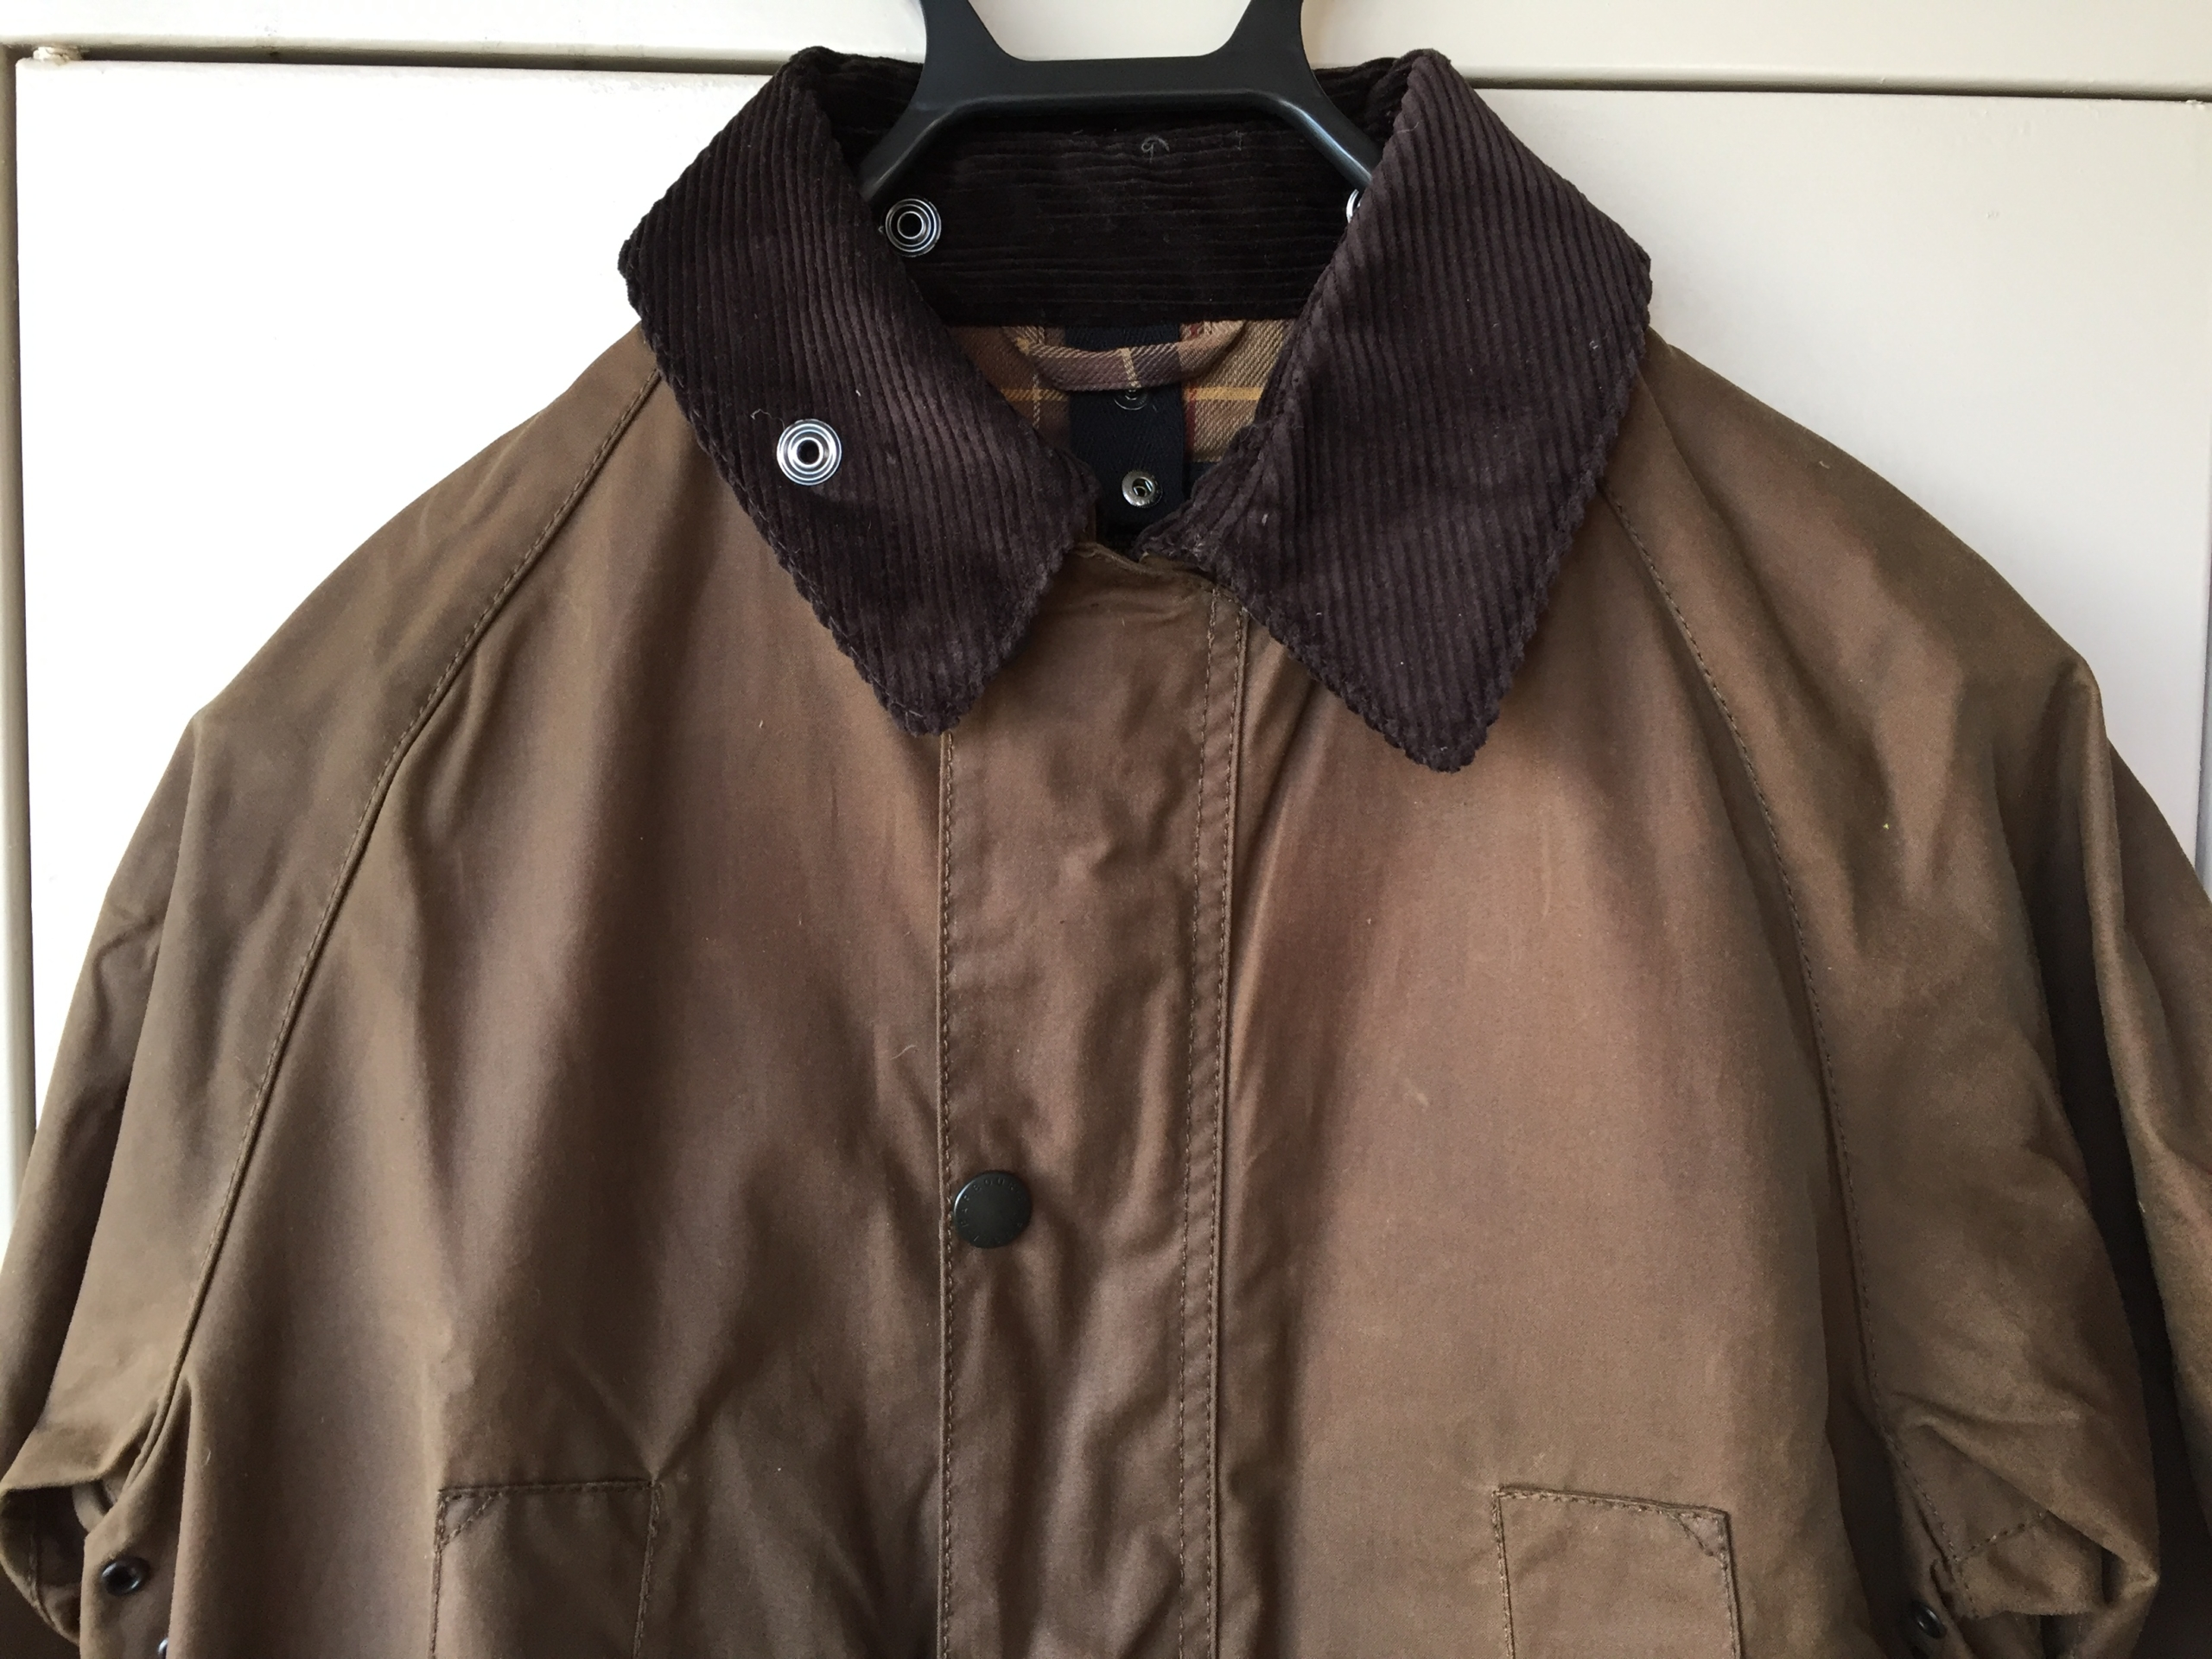 バブアー ビデイル BARBOUR BEDALE SL バーク Bark ブラウン 購入当初 襟元